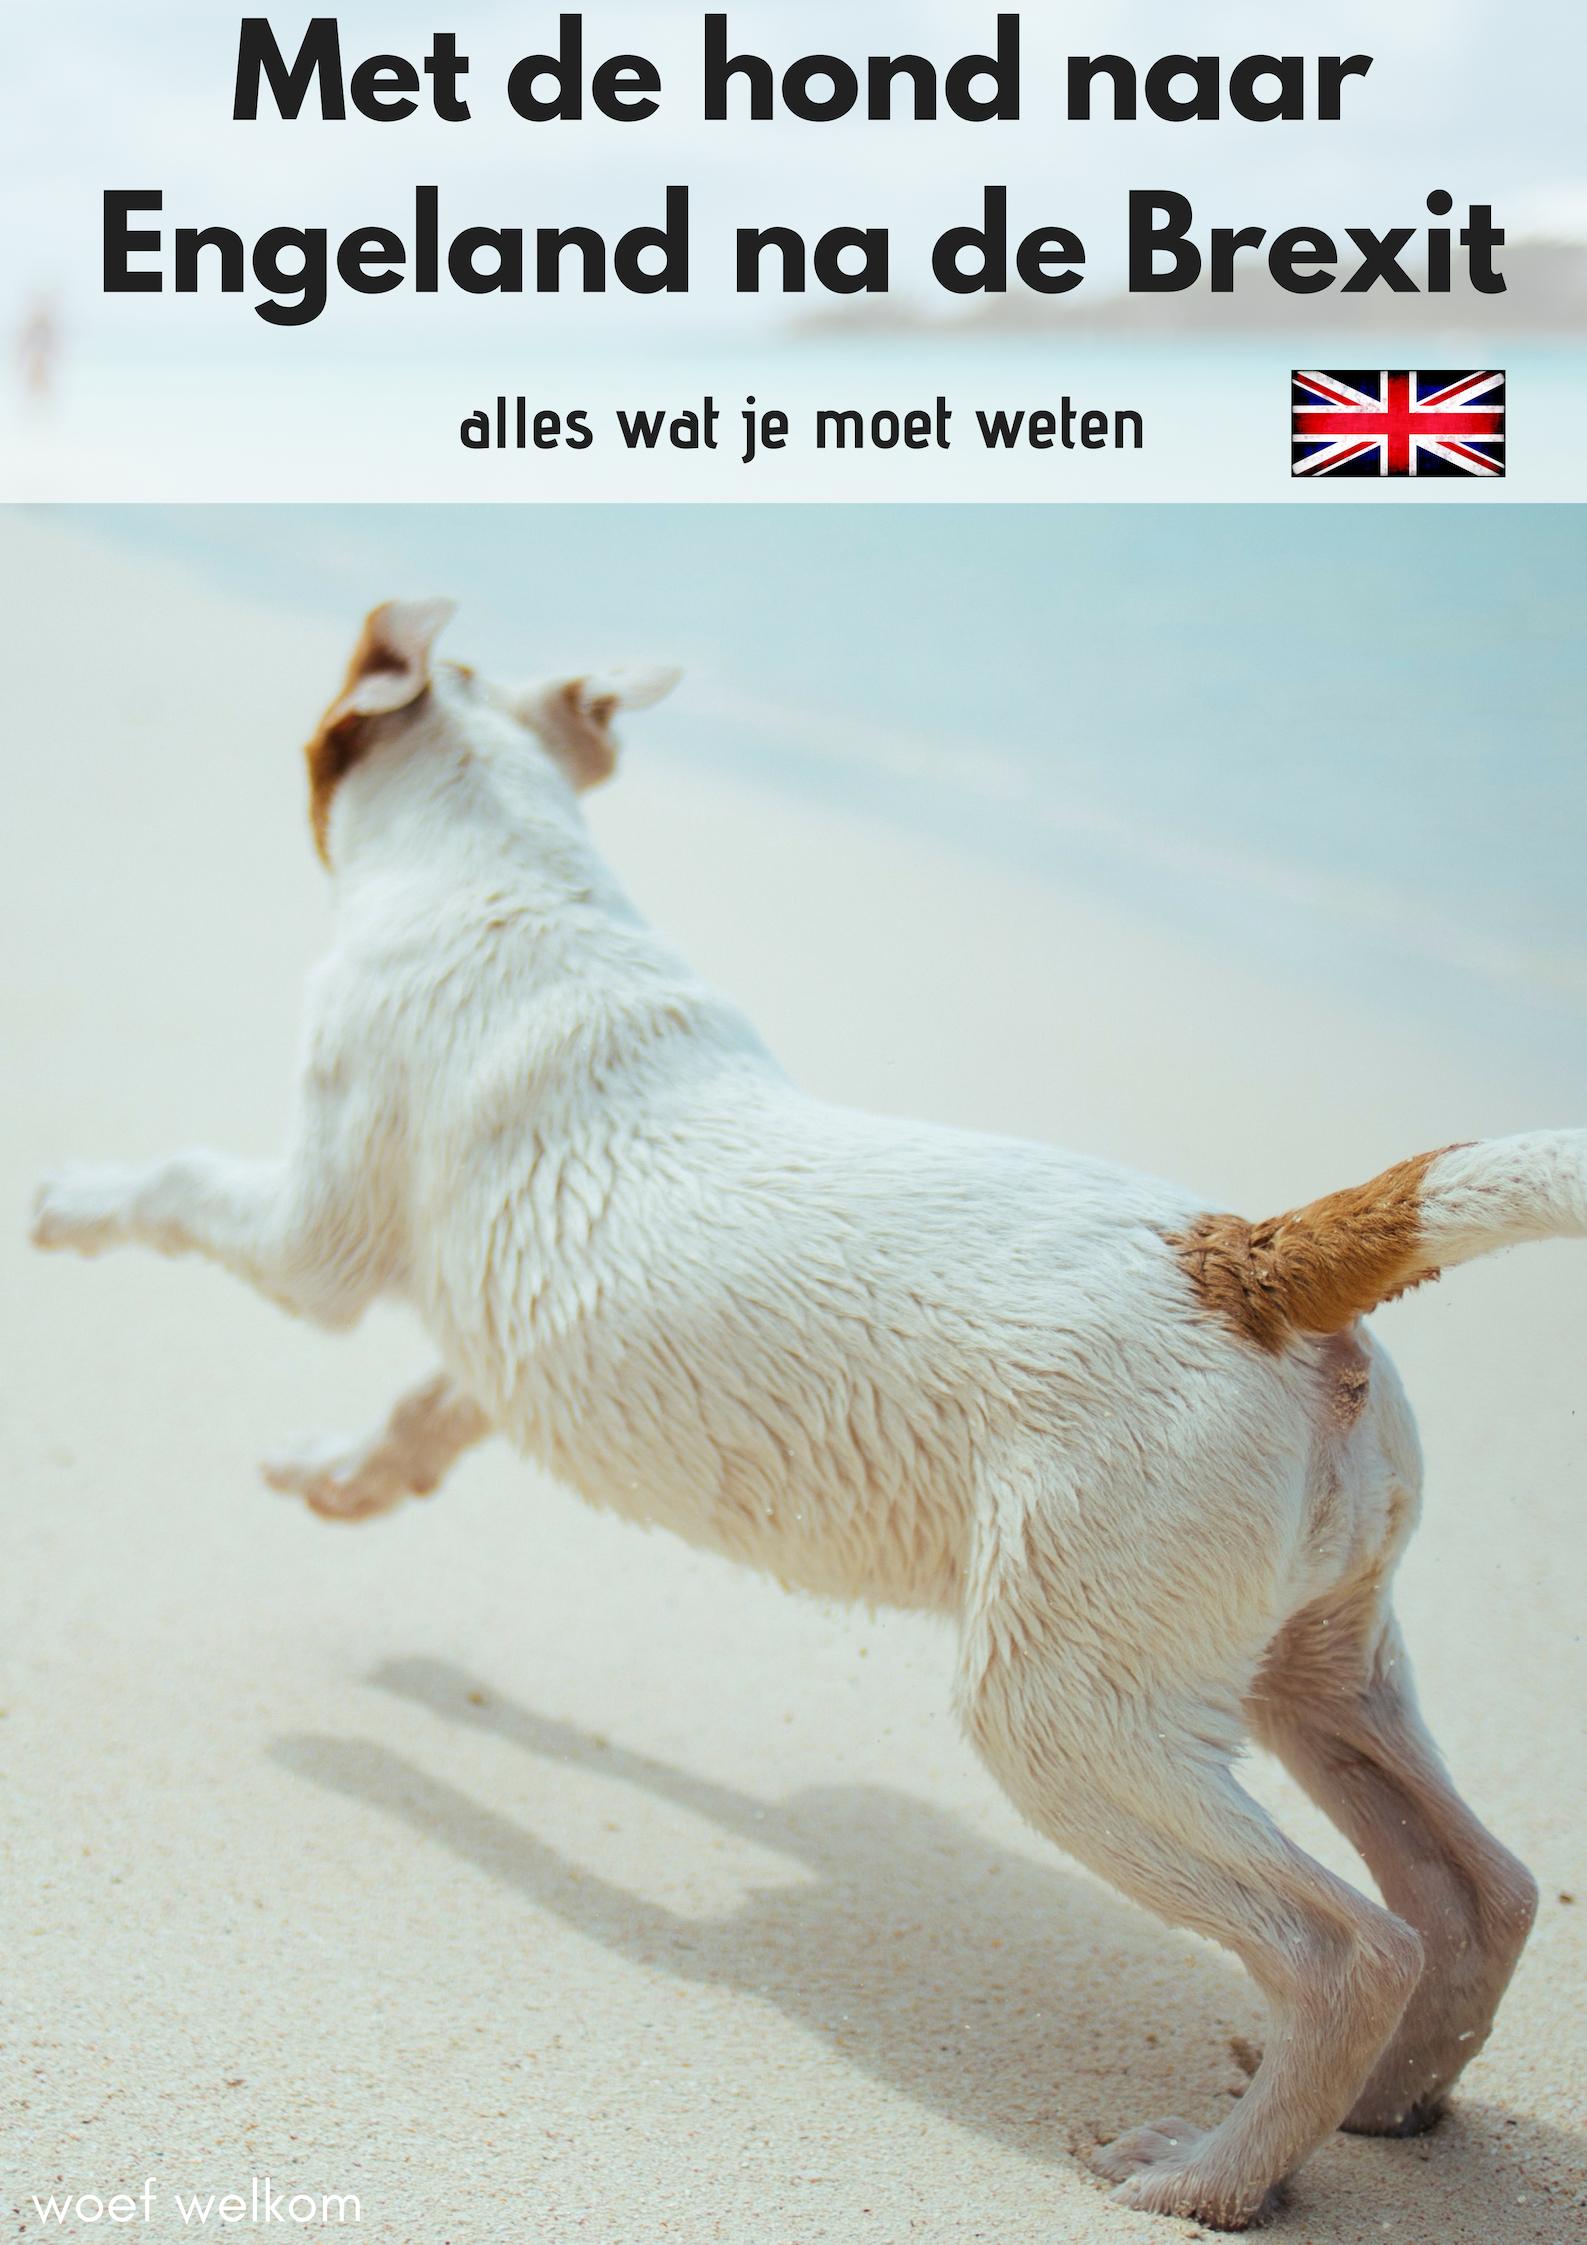 Met de hond naar Engeland na de Brexit - Woef Welkom